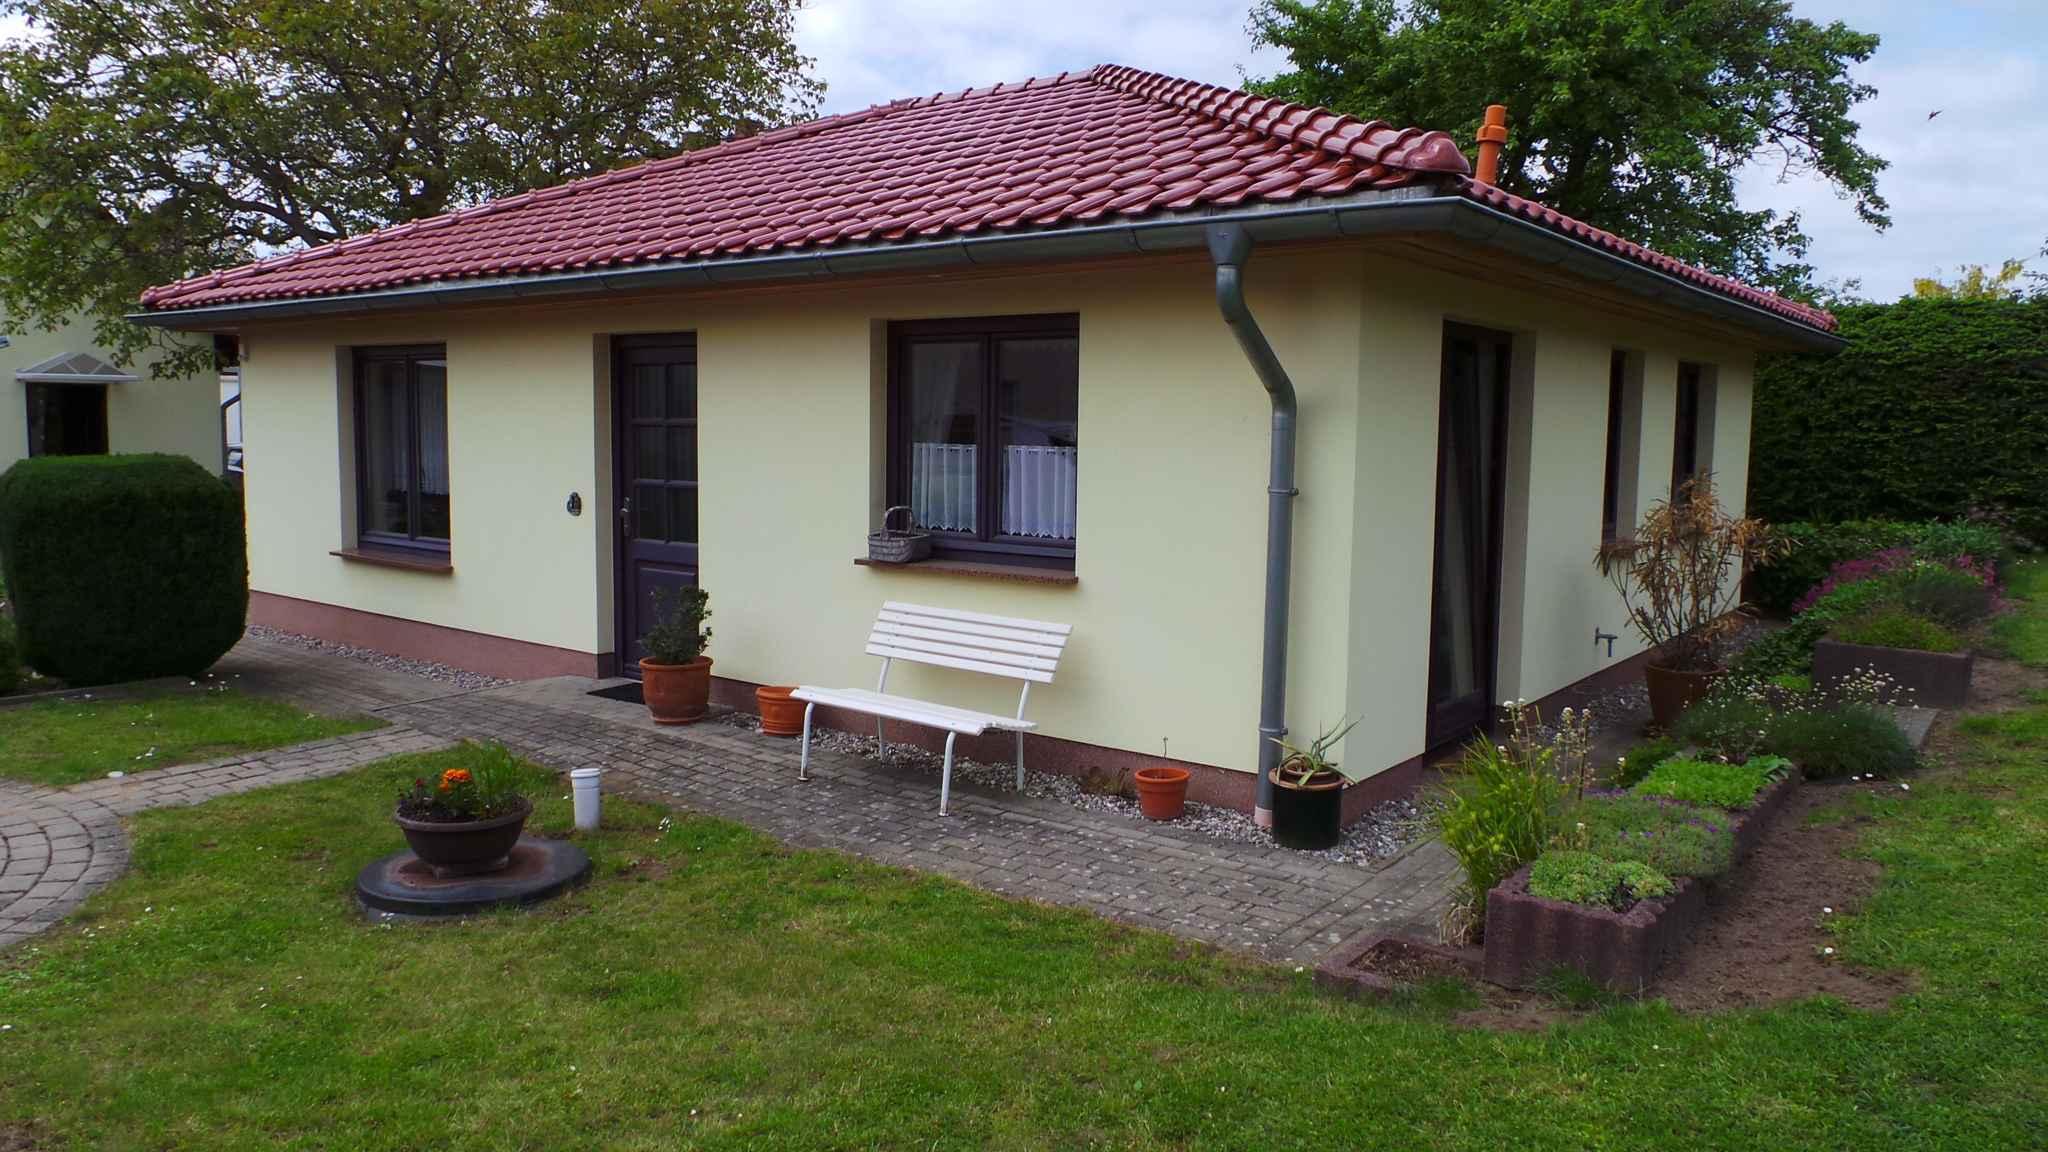 Ferienhaus Bungalow Ferienhaus mit Terrasse und Garten (358672), Bergen (Rügen), Rügen, Mecklenburg-Vorpommern, Deutschland, Bild 2